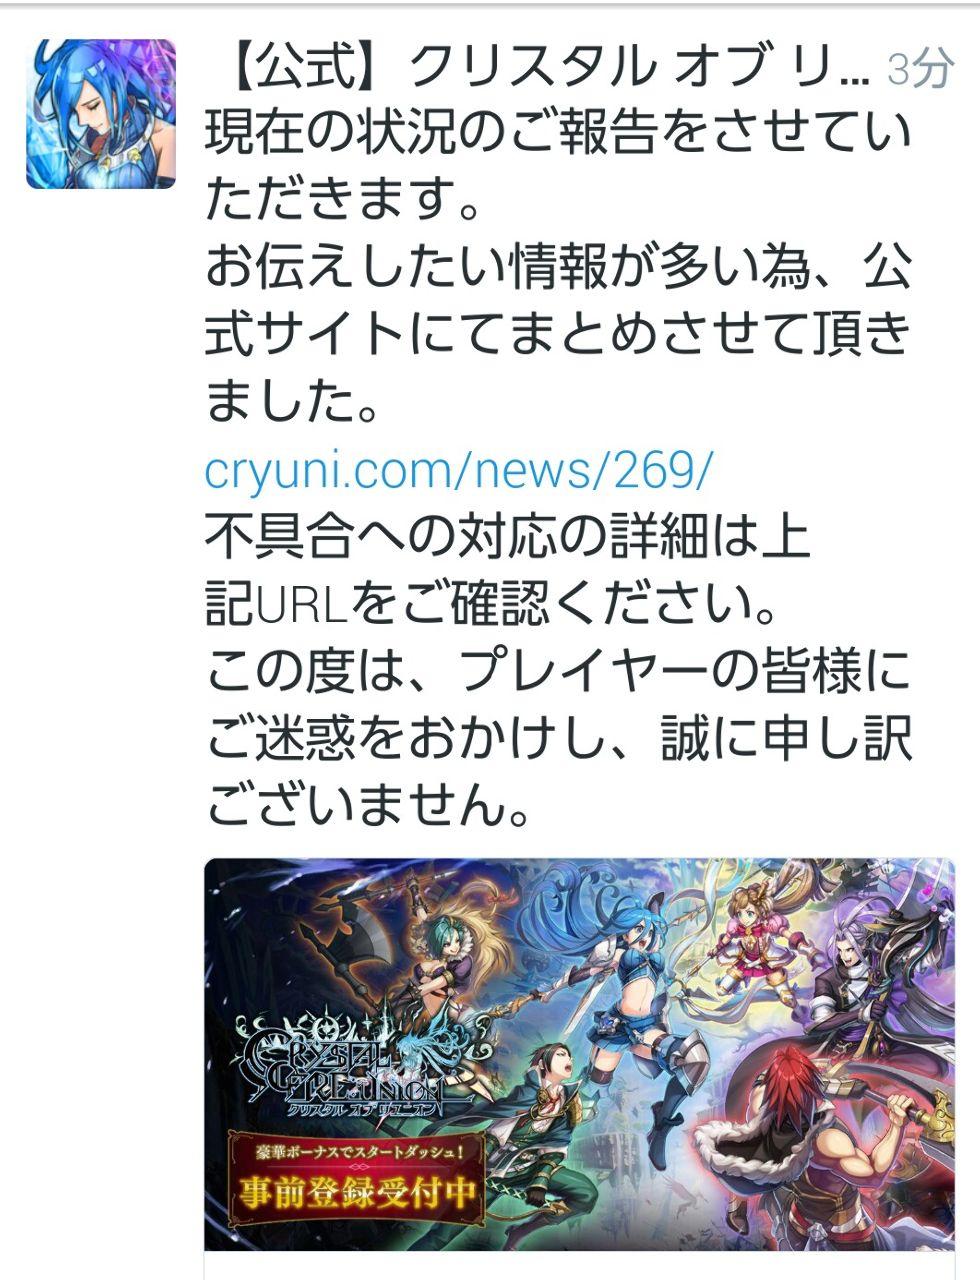 3903 - (株)gumi クリユニ ツイート